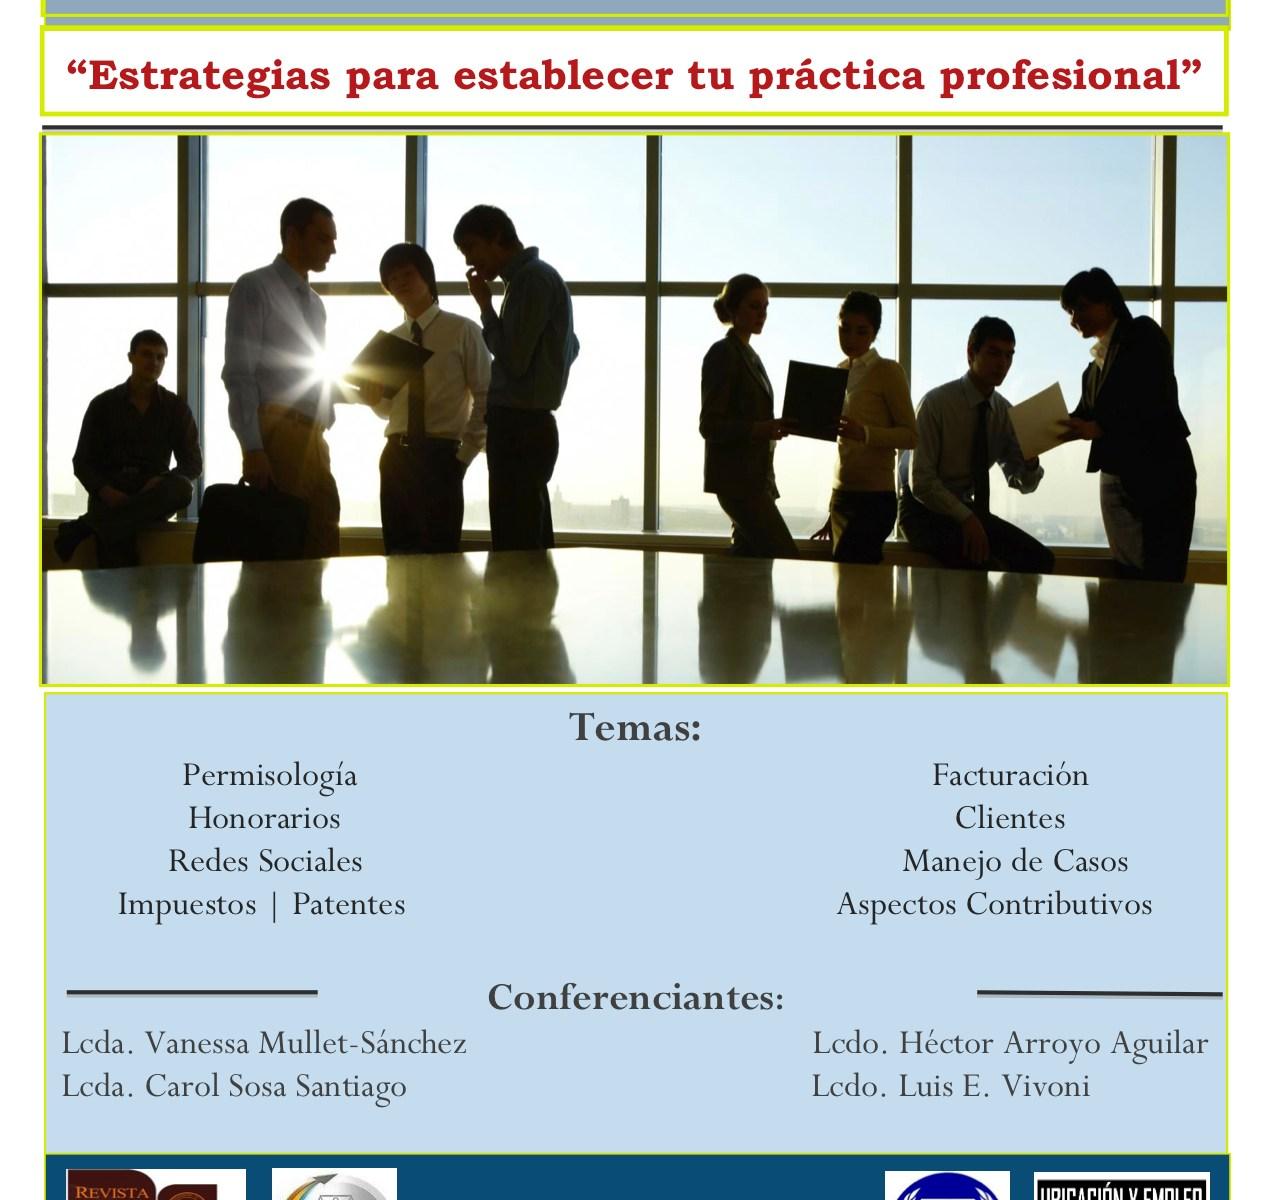 Estrategia para establecer tu práctica profesional